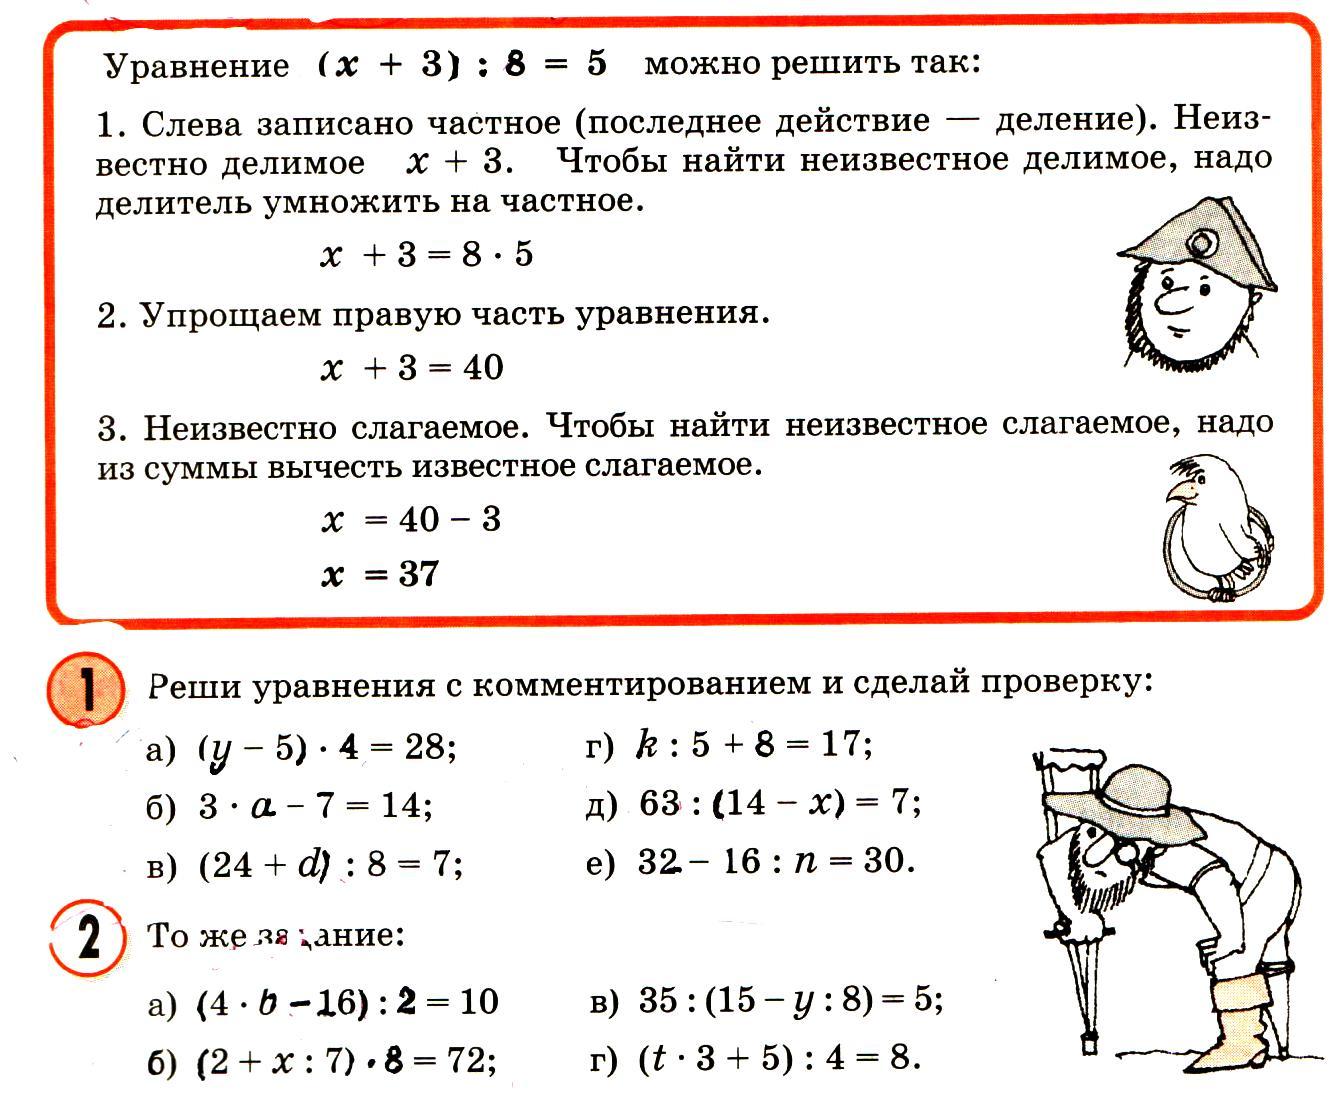 Урок решение составных задач 3 класс перспектива решение динамических задач компьютерными методами